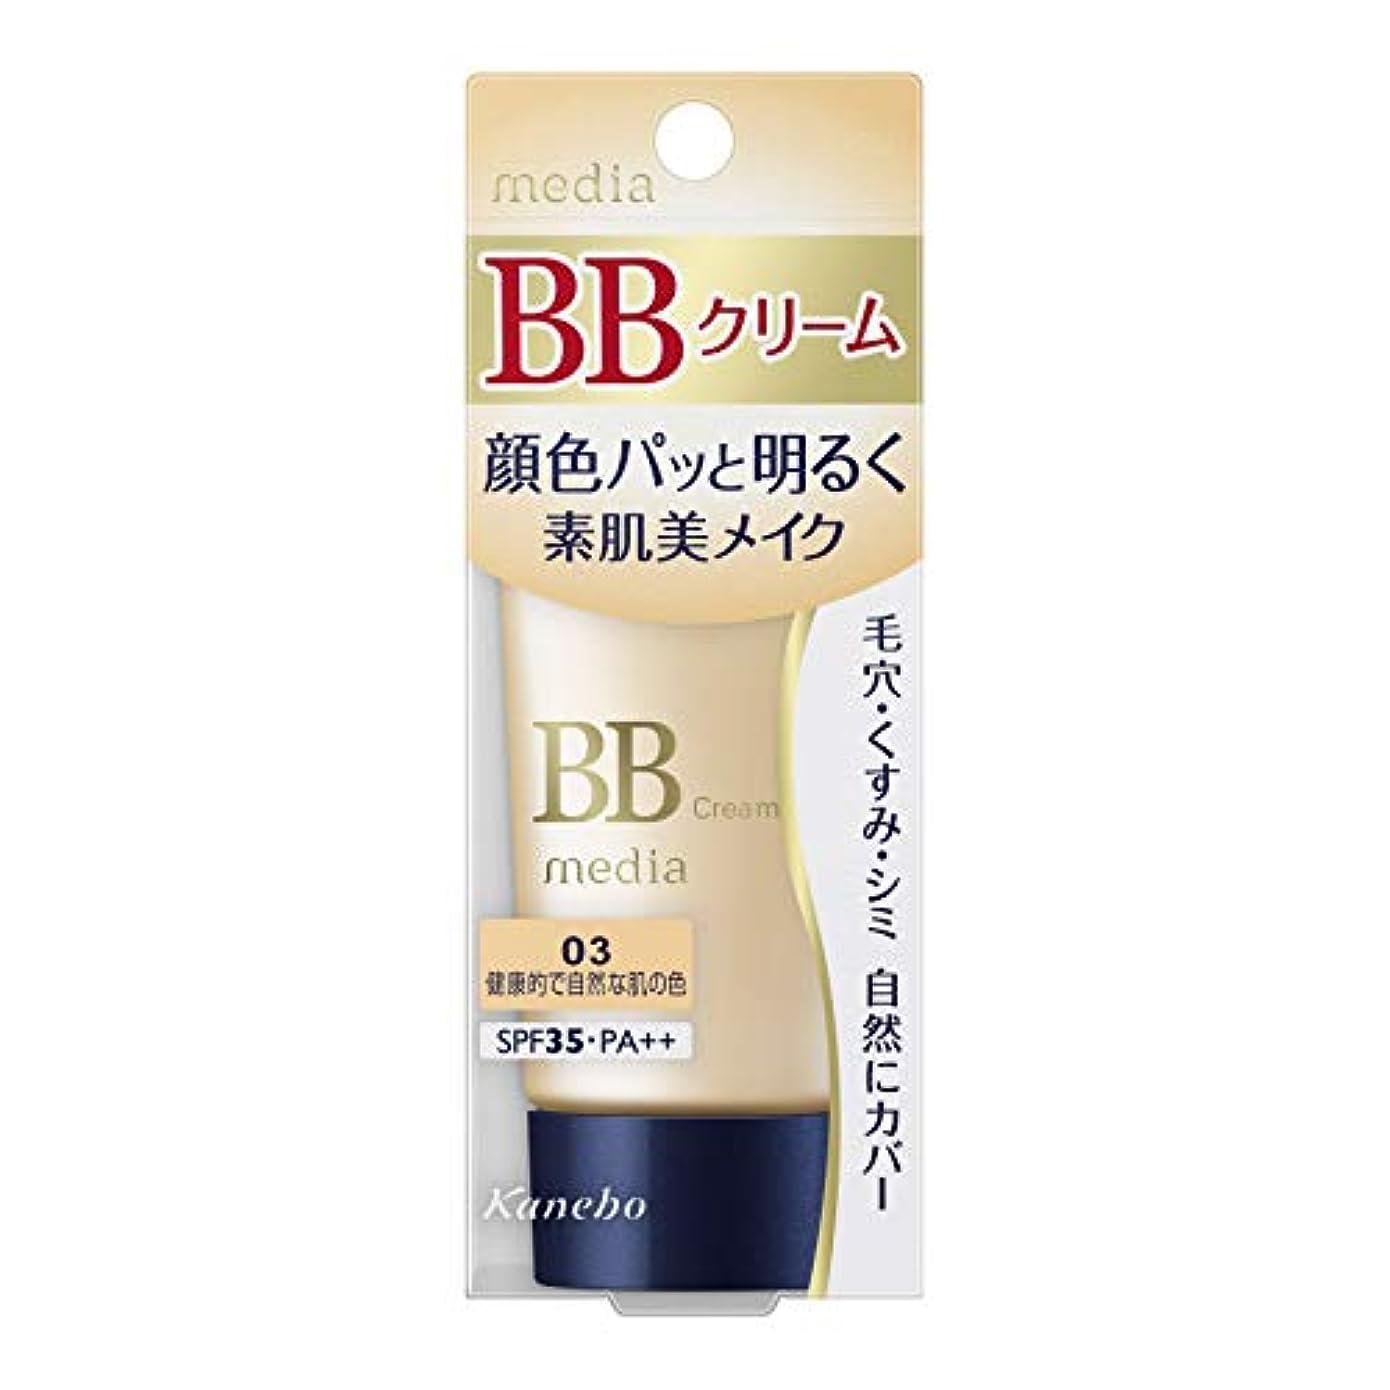 ものモジュール干渉カネボウ化粧品 メディア BBクリームS 03 35g